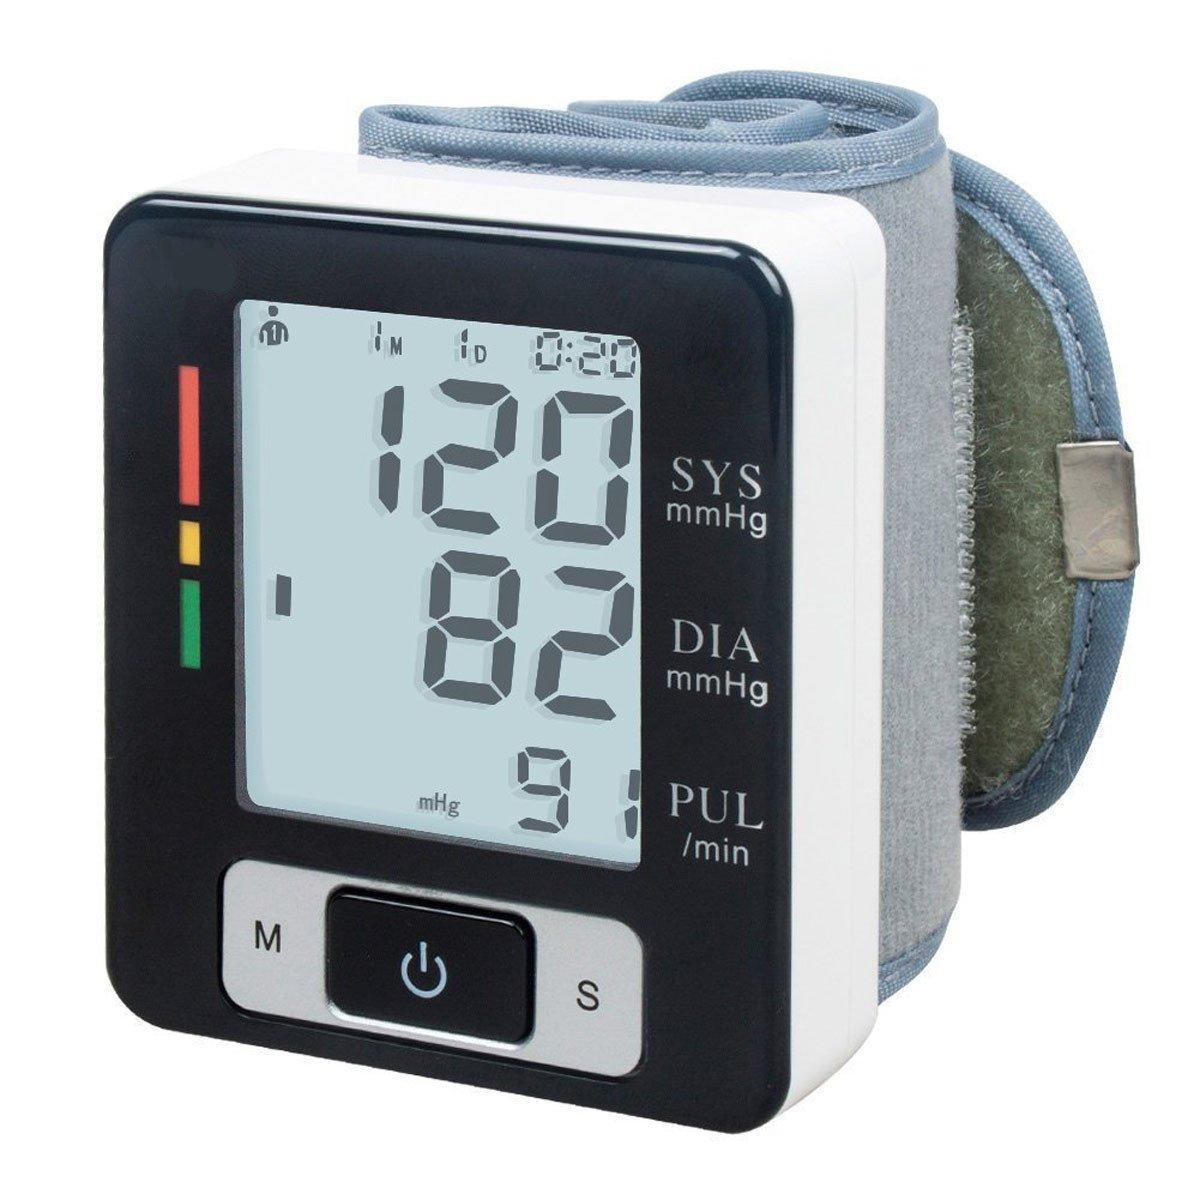 ELEGIANT Monitor de Presión, Tensiómetro de Muñeca Eléctrico Digital Portátil Arterial LCD Inteligente con Gran Pantalla con Función de Memoria para Regalo, ...